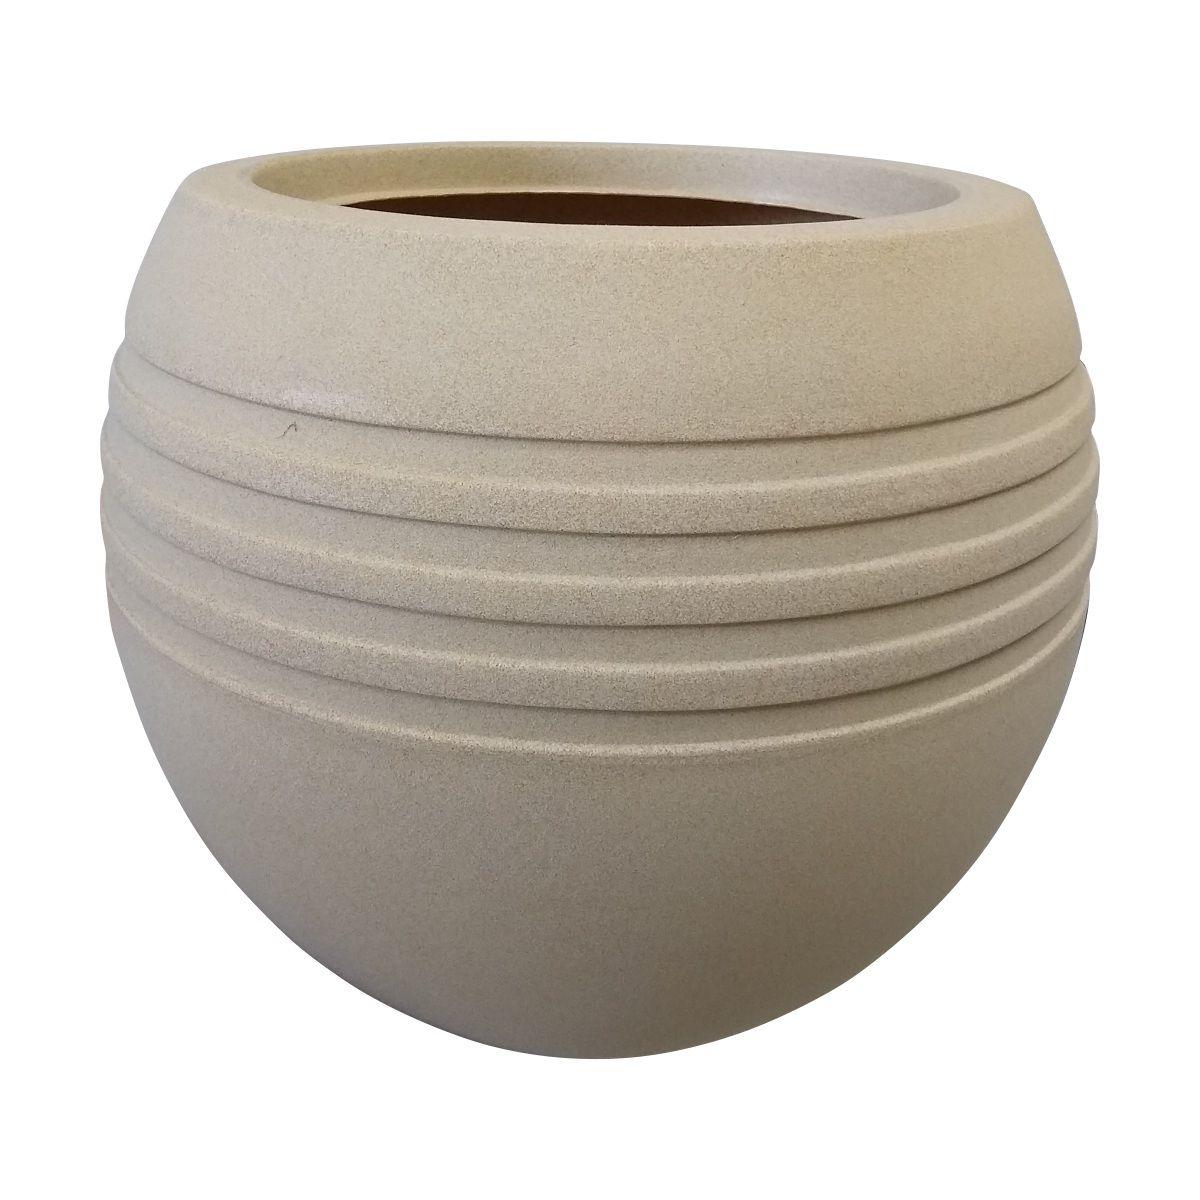 Vaso Oval Jateado Vogue cor Areia 35cm x 30cm - OVP1-AR